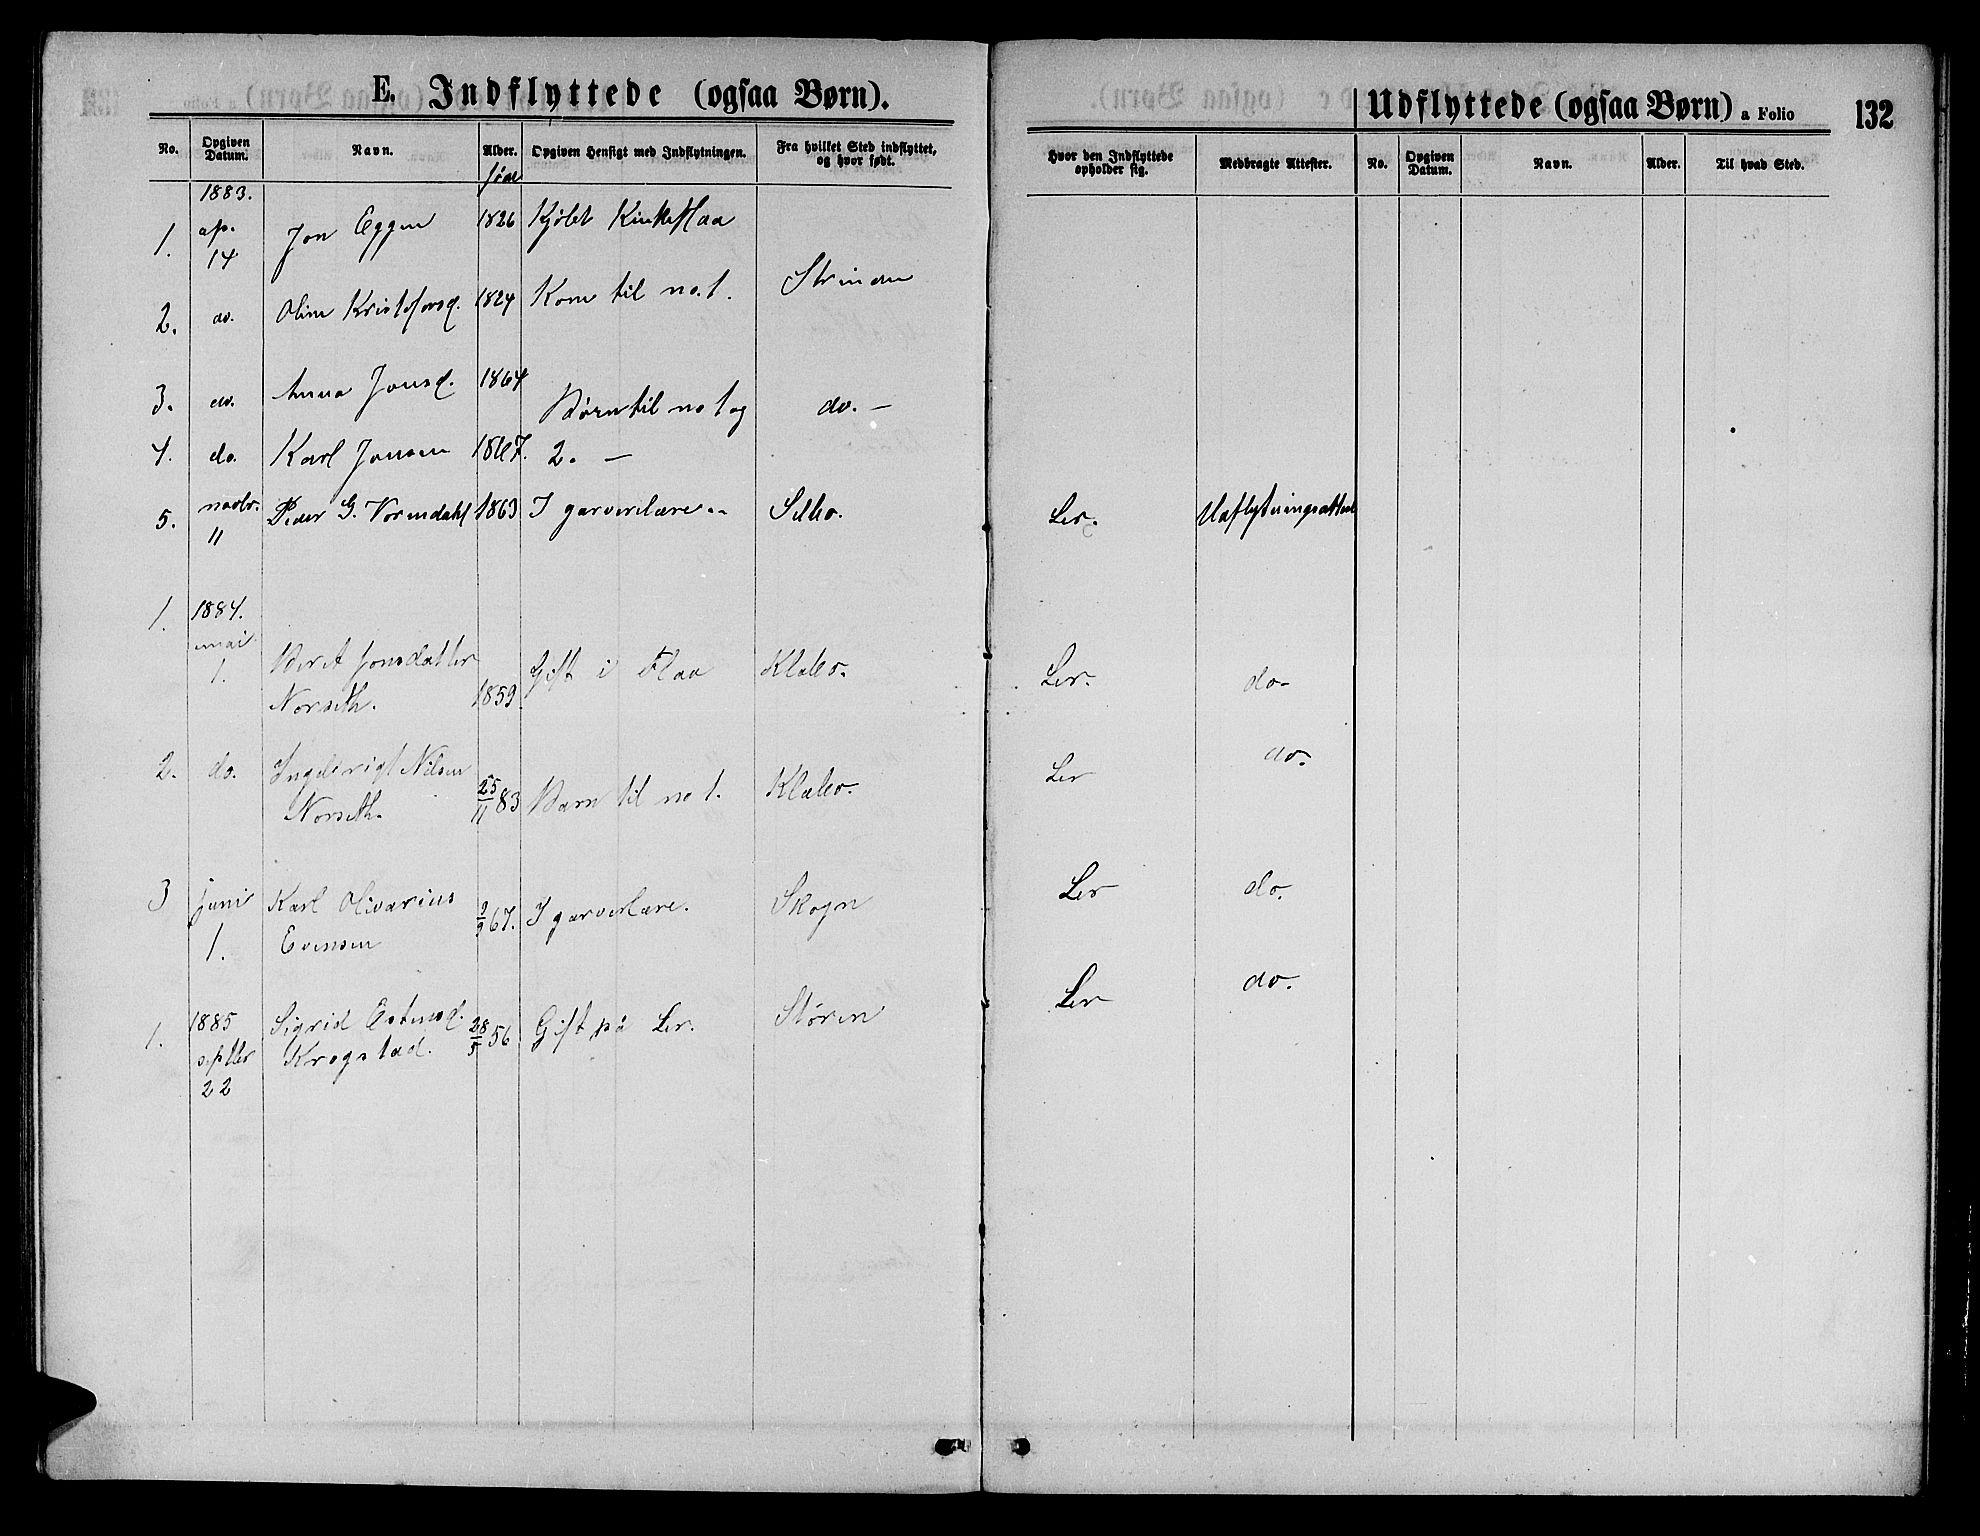 SAT, Ministerialprotokoller, klokkerbøker og fødselsregistre - Sør-Trøndelag, 693/L1122: Klokkerbok nr. 693C03, 1870-1886, s. 132